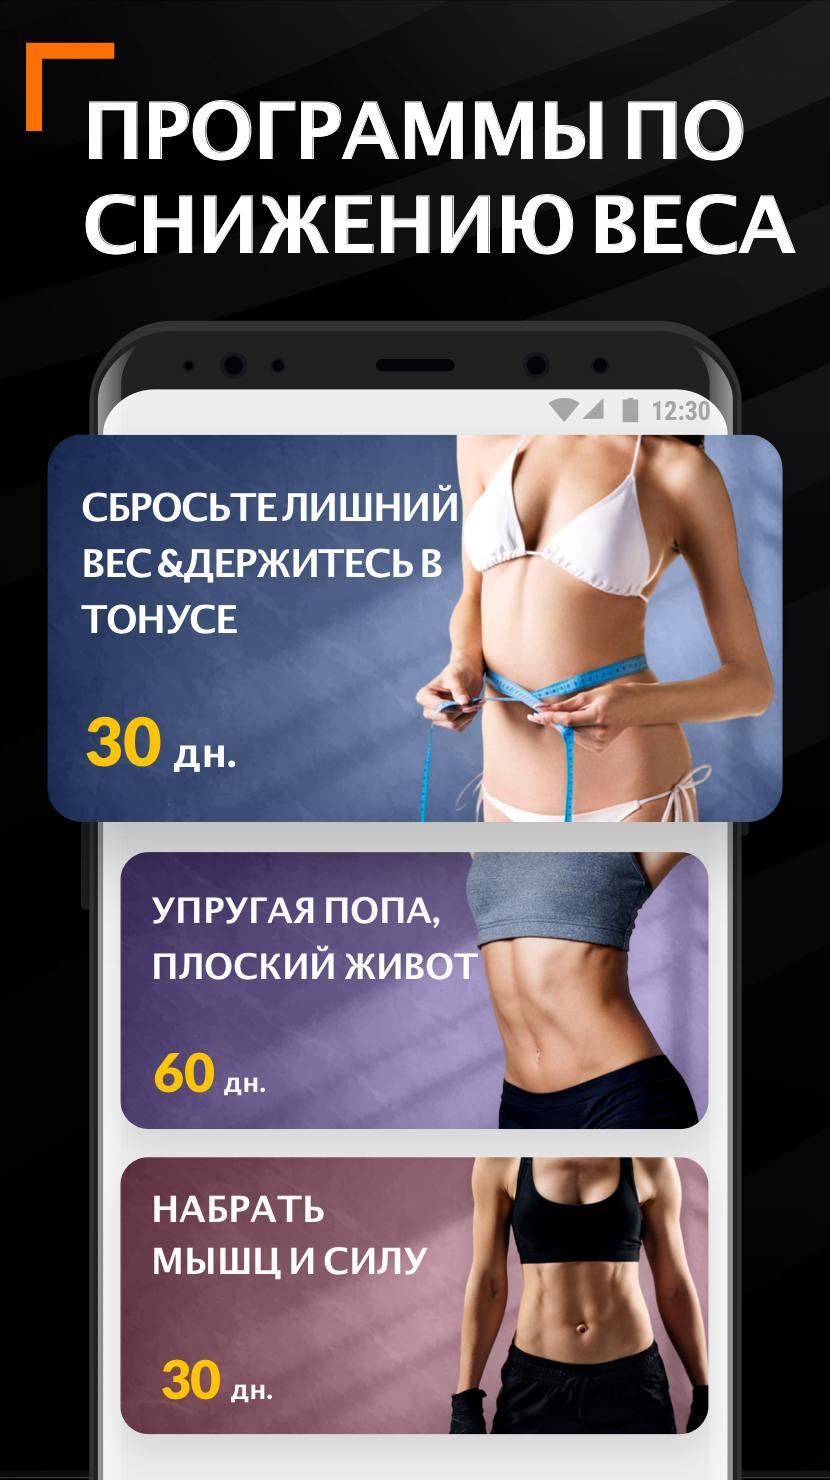 аудиотренинг для похудения скачать бесплатно